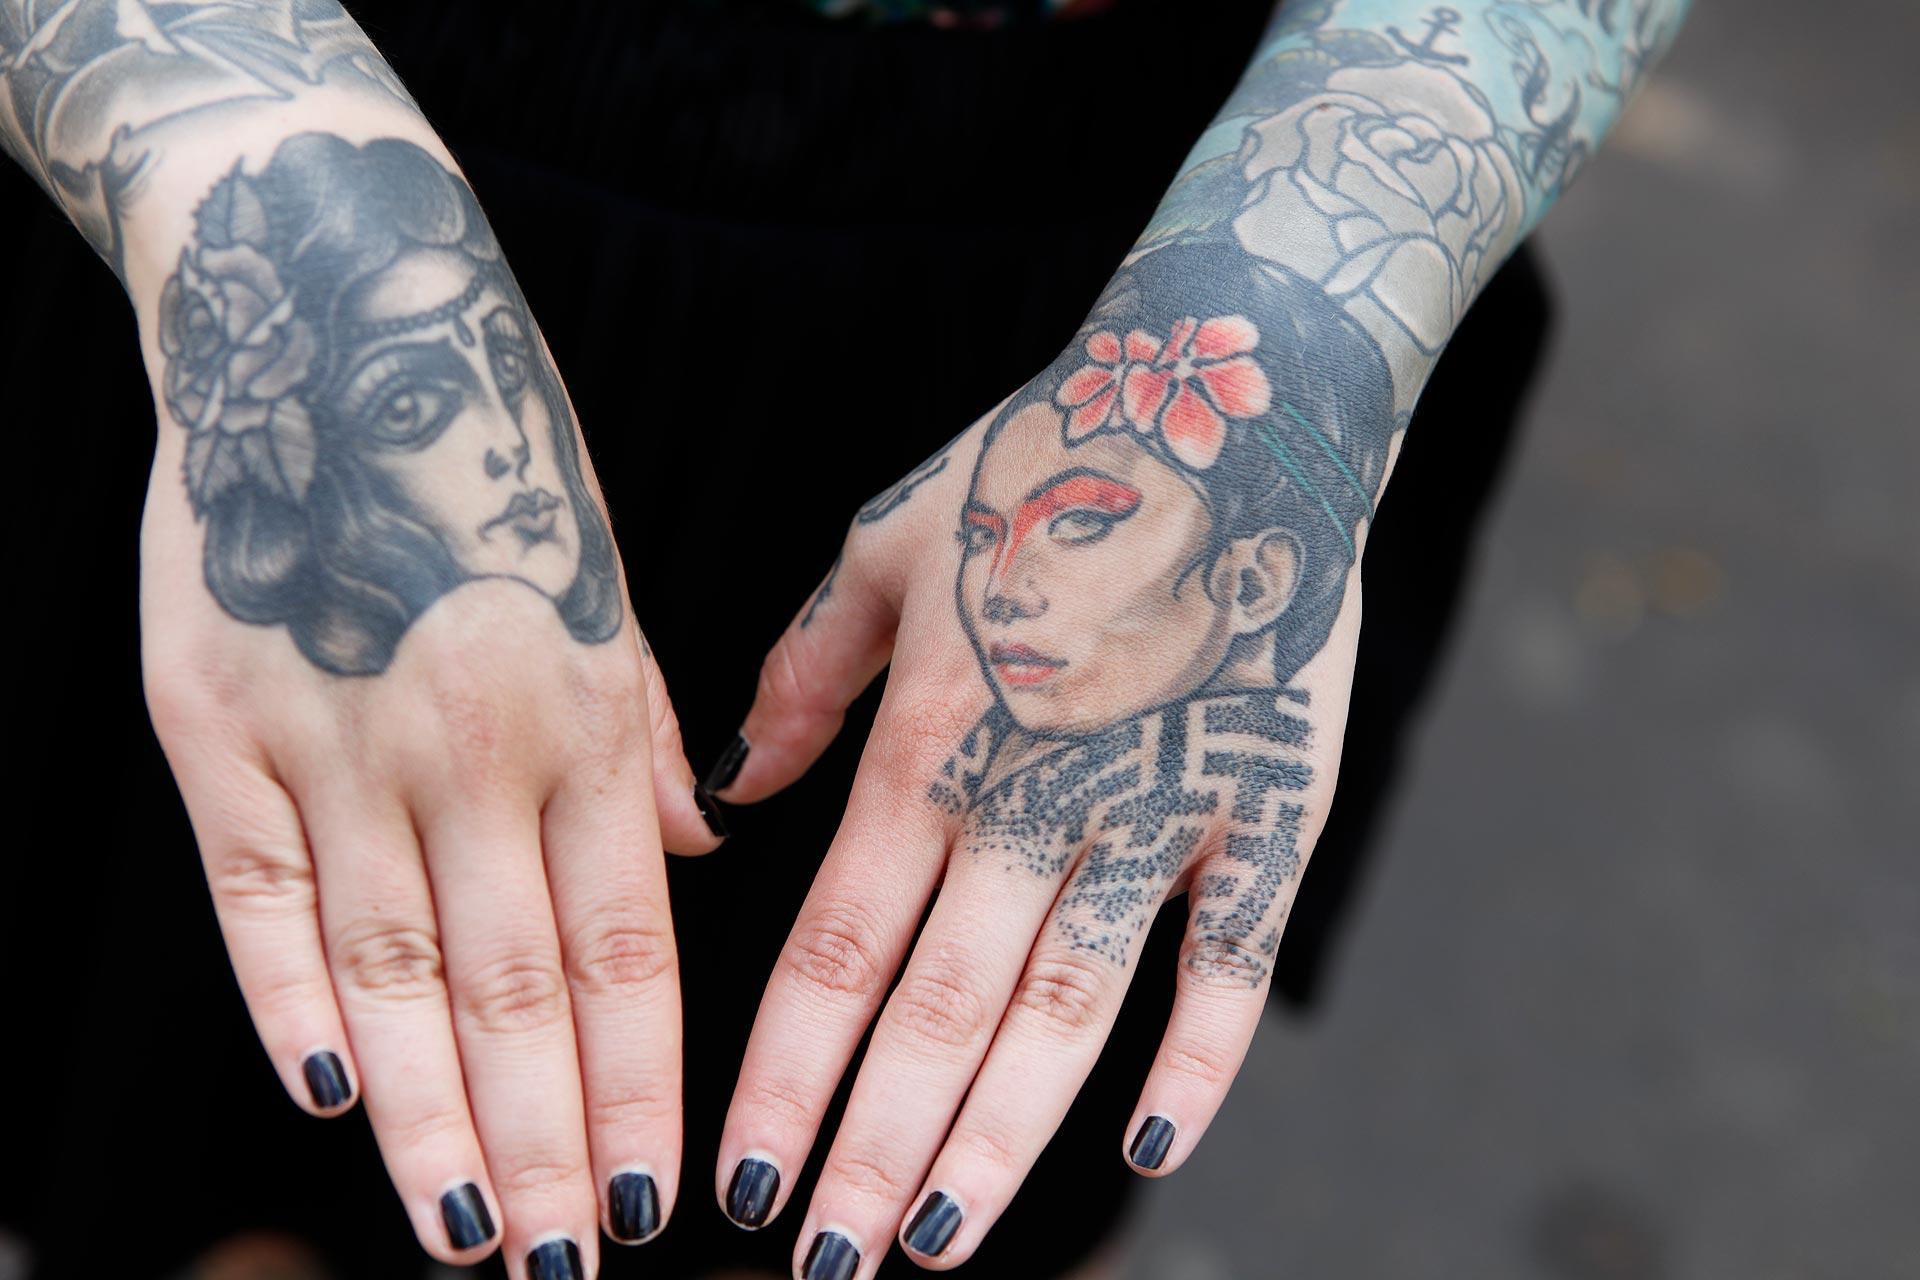 Auch Tattoos auf den Händen sind für Nastassja kein Tabu. Sie würde sich auch gern noch den Po tätowieren lassen.